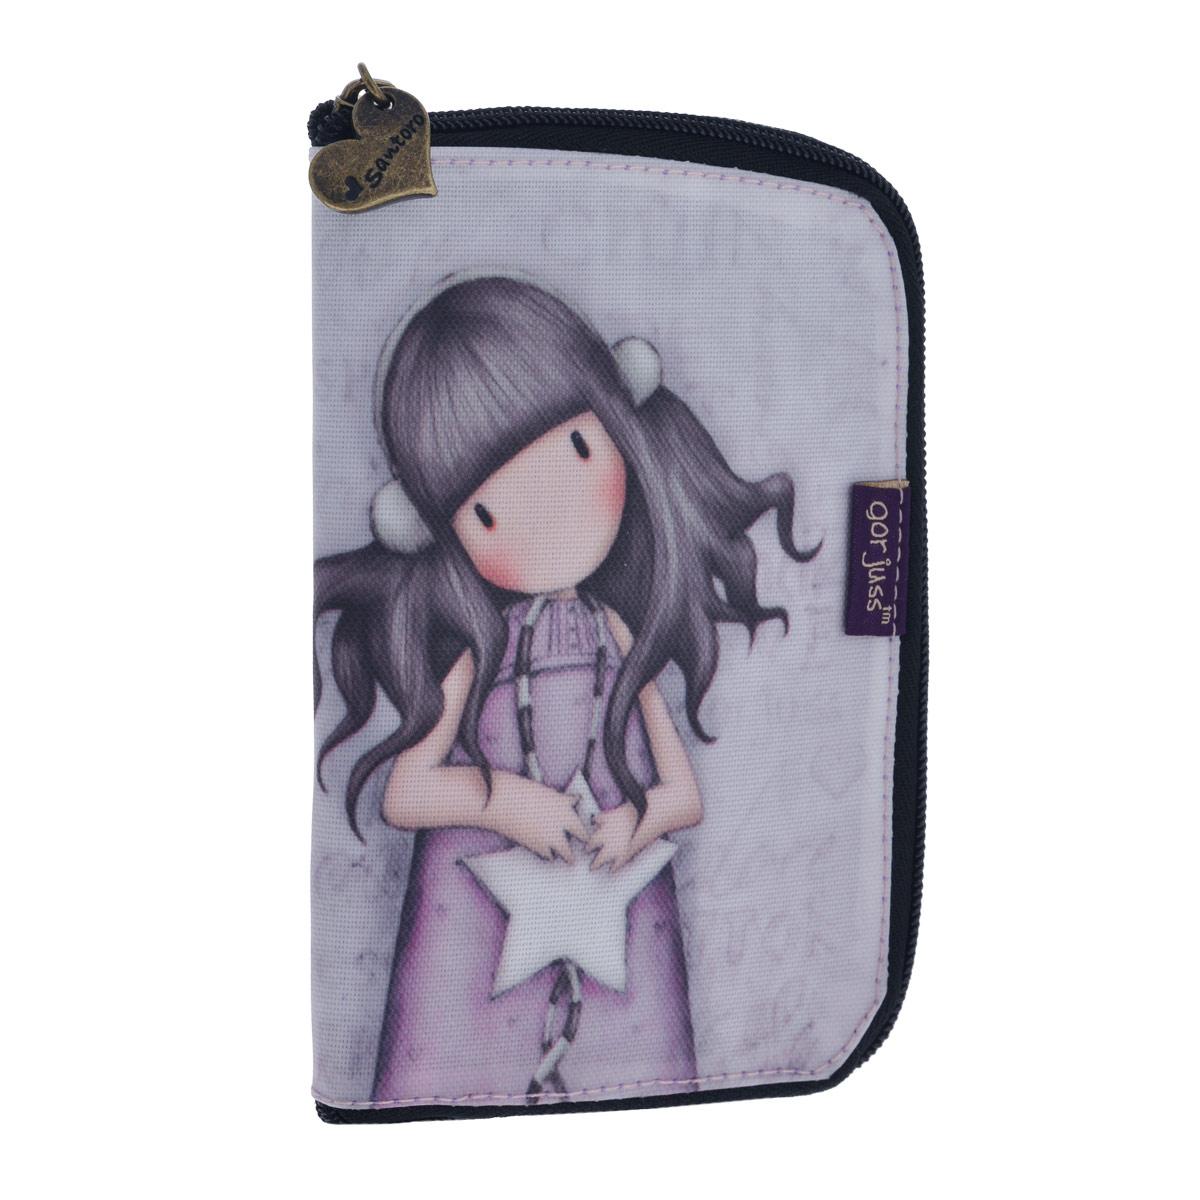 Складывающаяся сумка для покупок All These Words, цвет: сиреневый. 00122110012211Складывающаяся сумка для покупок с милой девочкой непременно порадует вас или станет прекрасным подарком. Сумка складывается в симпатичный чехольчик на молнии, сама сумка выполнена из текстиля сиреневого цвета с орнаментом и имеет две удобные ручки. Сумка очень удобна в использовании - ее легко раскладывать и складывать. Характеристики: Материалы: текстиль, ПВХ, металл. Размер чехла на молнии: 10,5 см x 16 см x 1,5 см. Размер сумки в разложенном виде: 54 см х 35 см х 17 см.